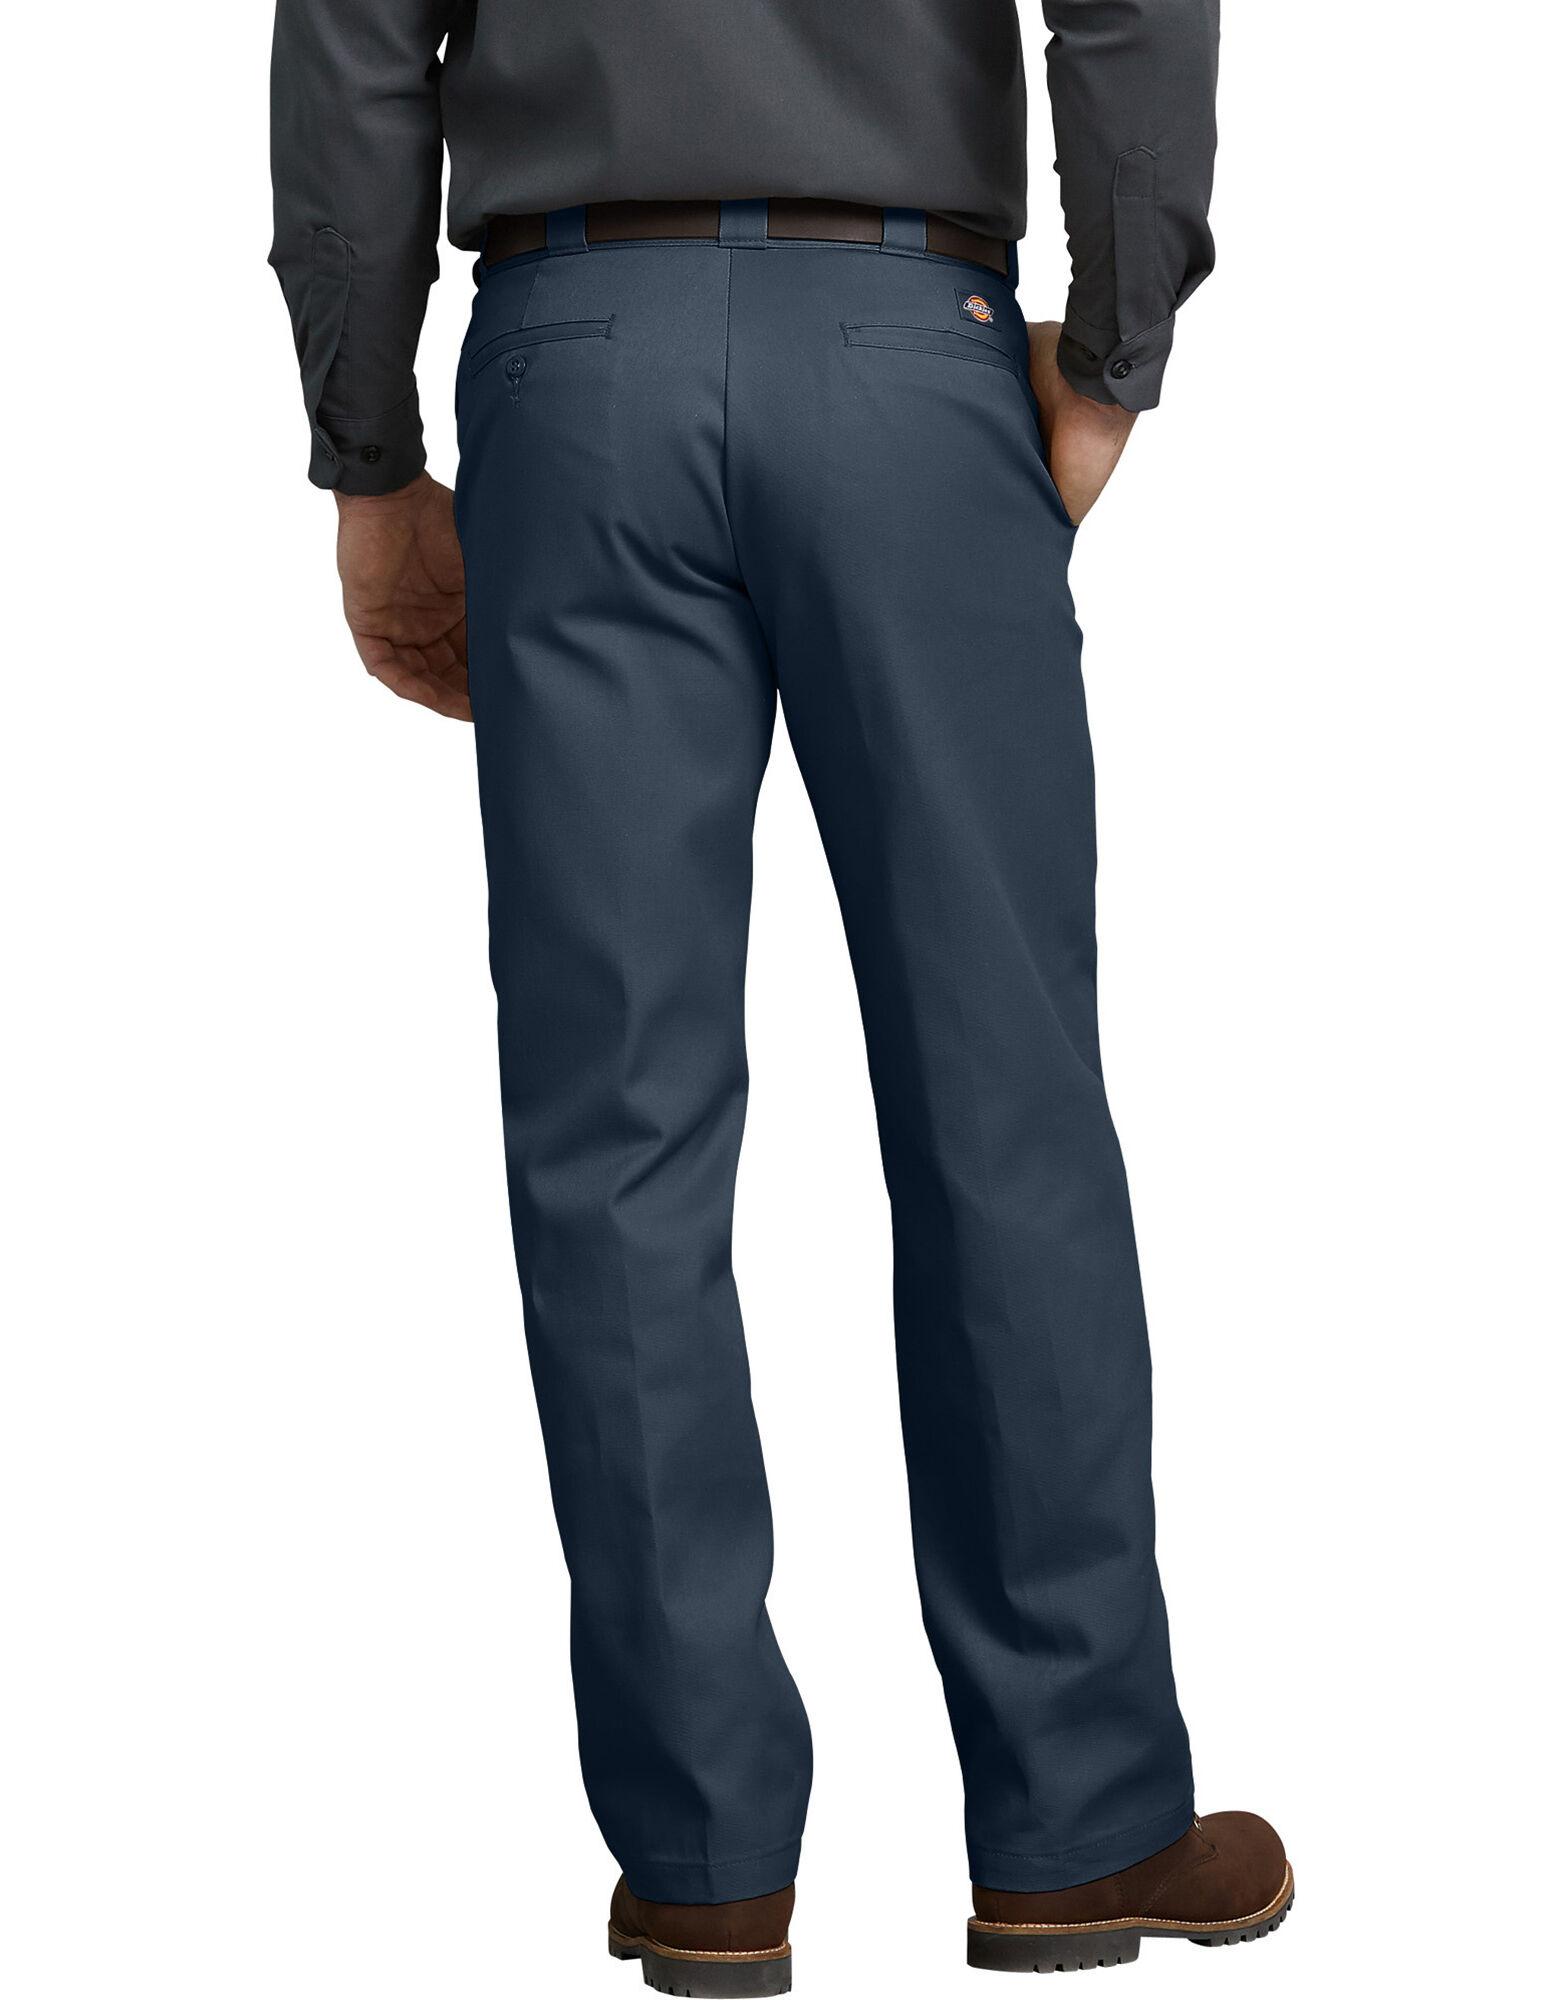 c439690f78d46f Original 874® Work Pant   Mens Pants   Dickies Canada